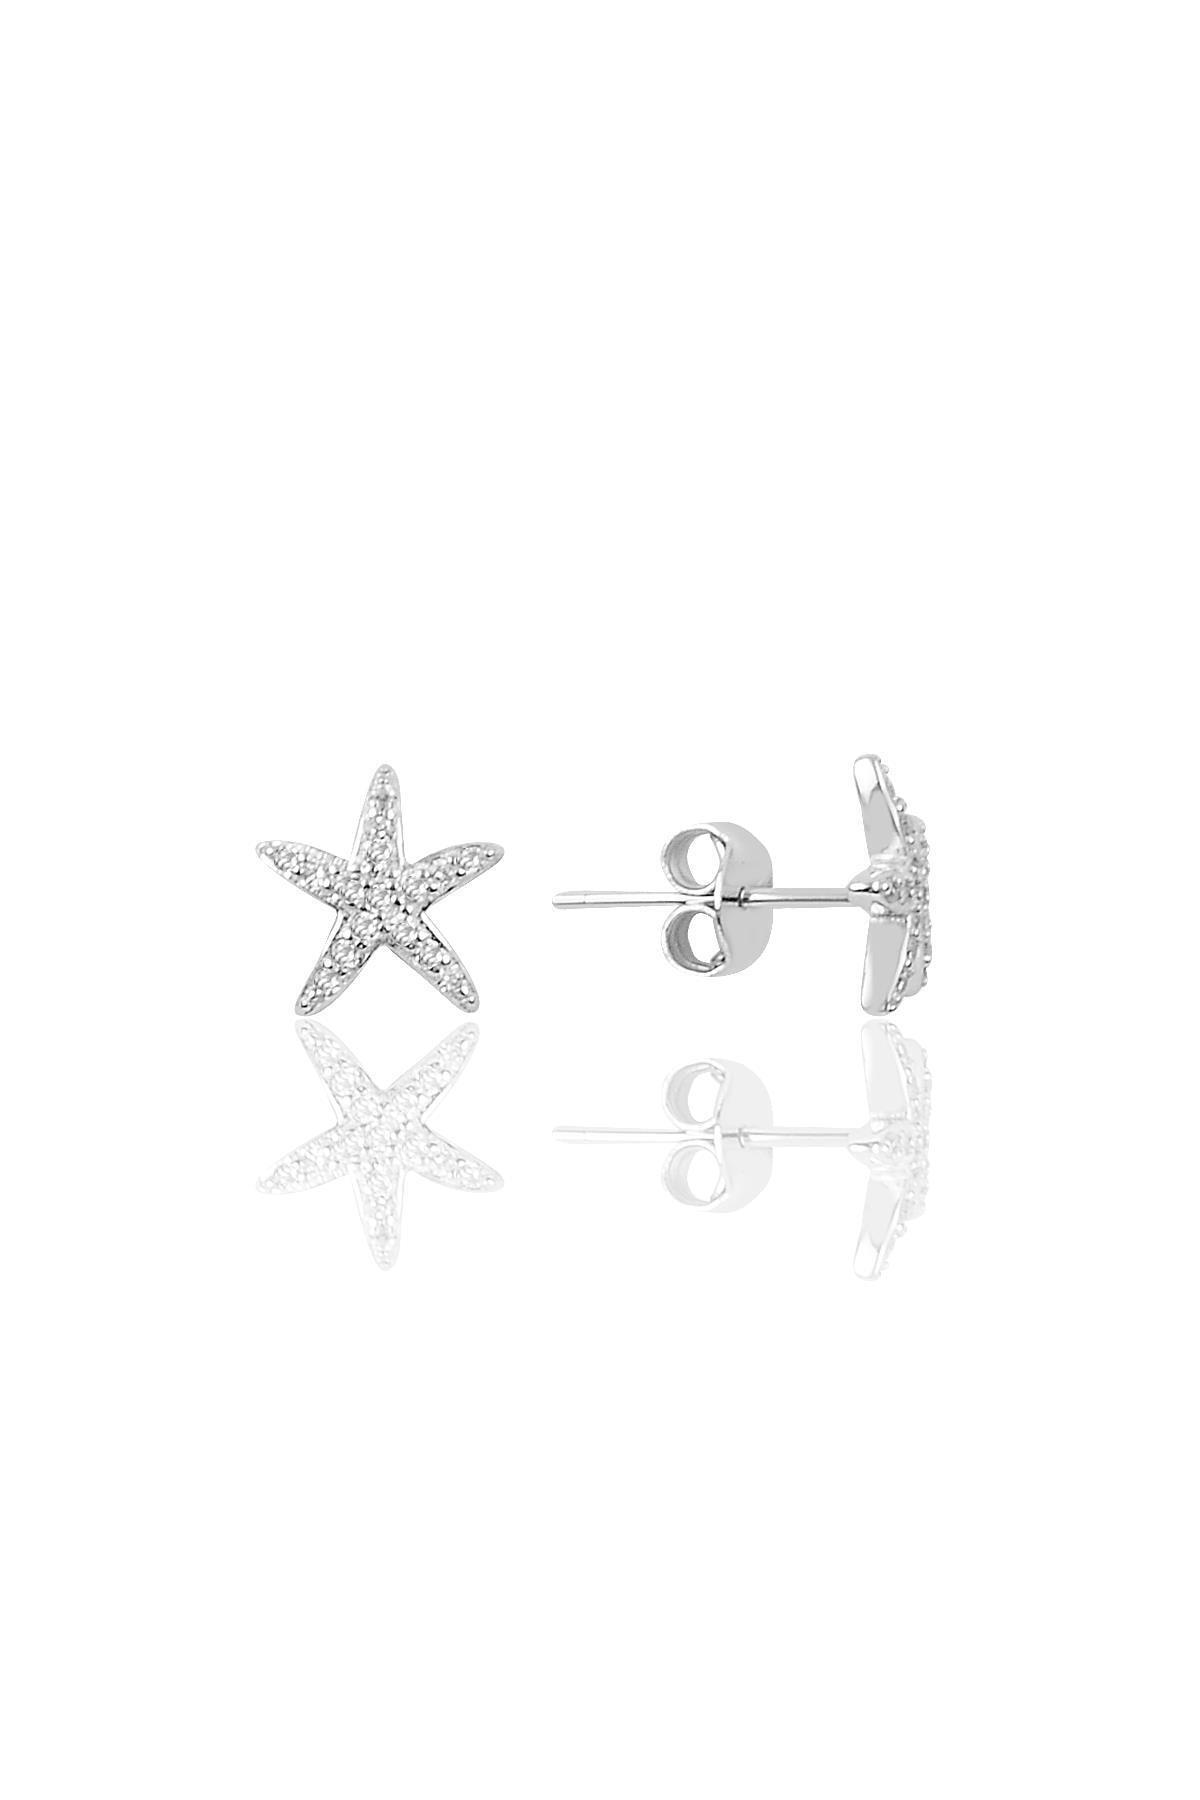 Söğütlü Silver Gümüş Zirkon Taşlı Deniz Yıldızı Modeli Küpe 1